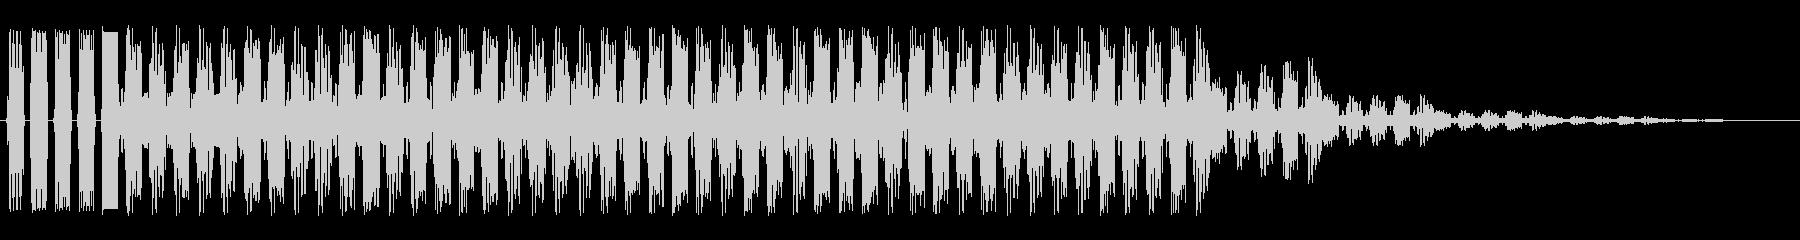 キュロロロ(データ読込・転送のイメージ)の未再生の波形